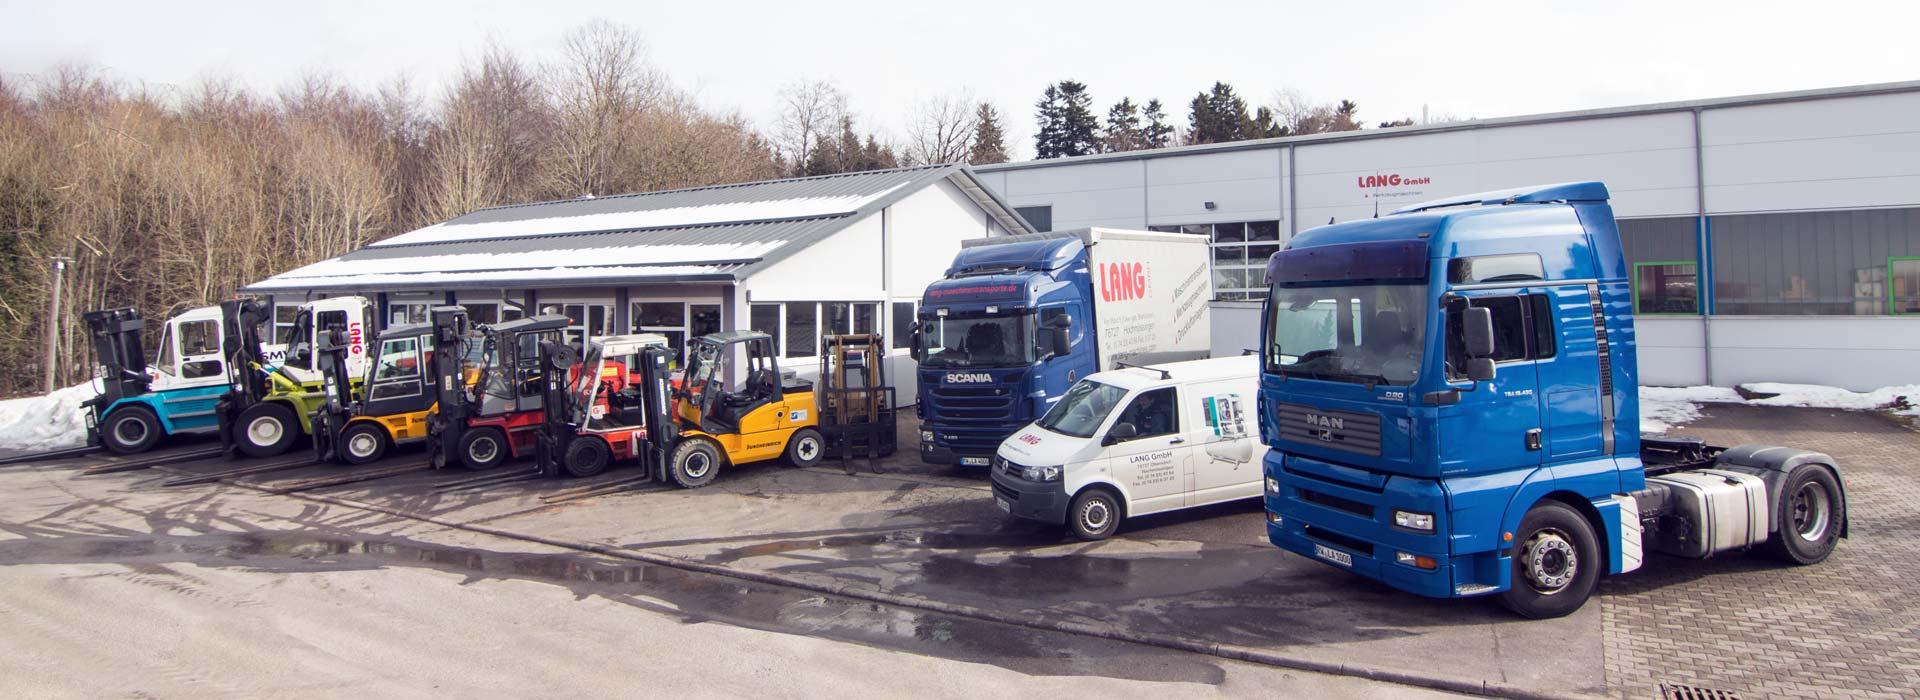 Großer Fuhrpark vor der Lagerhalle der Firma Lang GmbH bei Oberndorf am Neckar